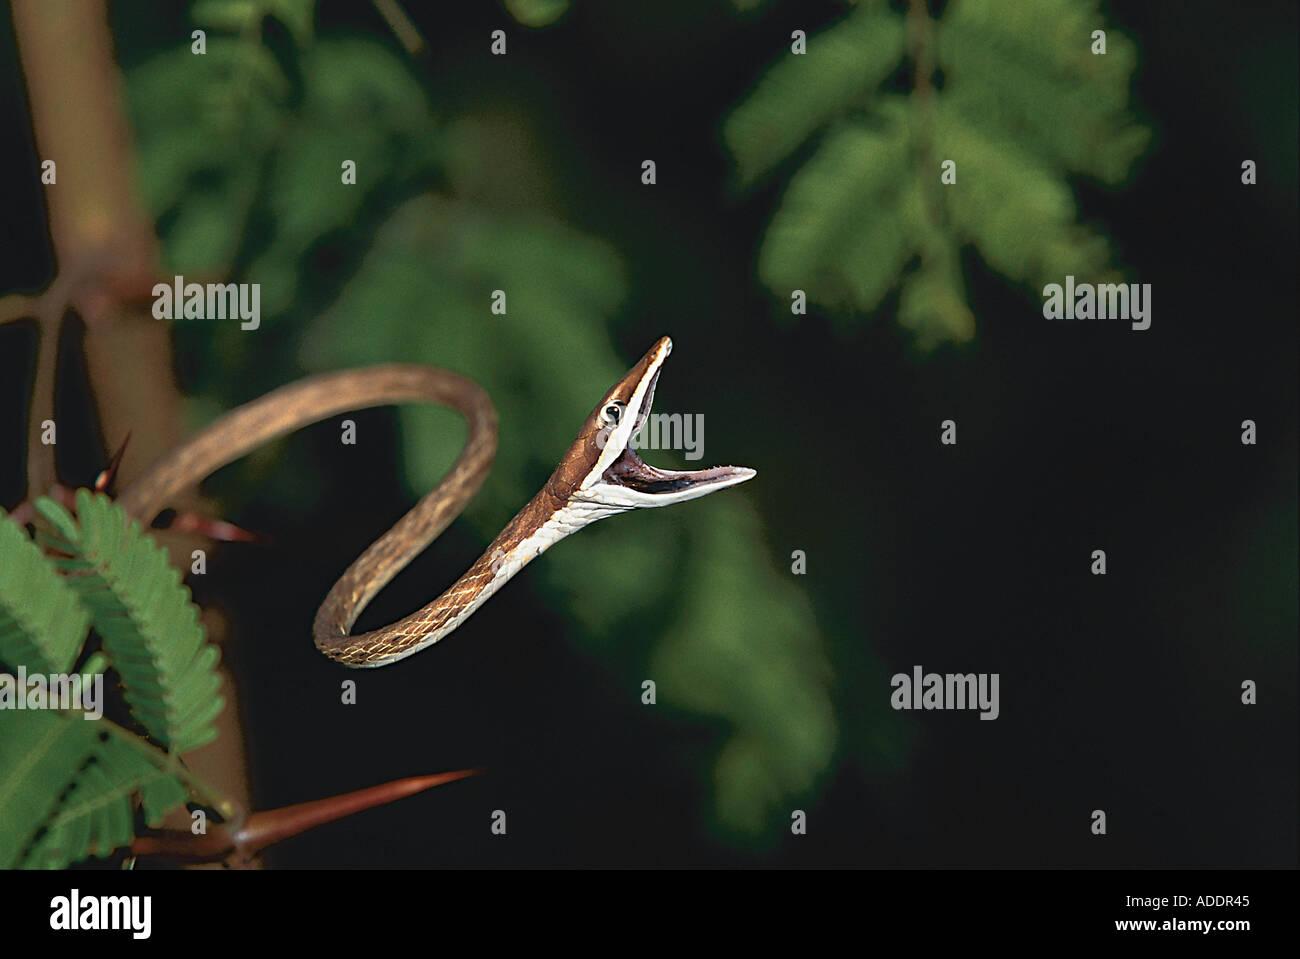 Schlange reisst das Maul auf - Stock Image